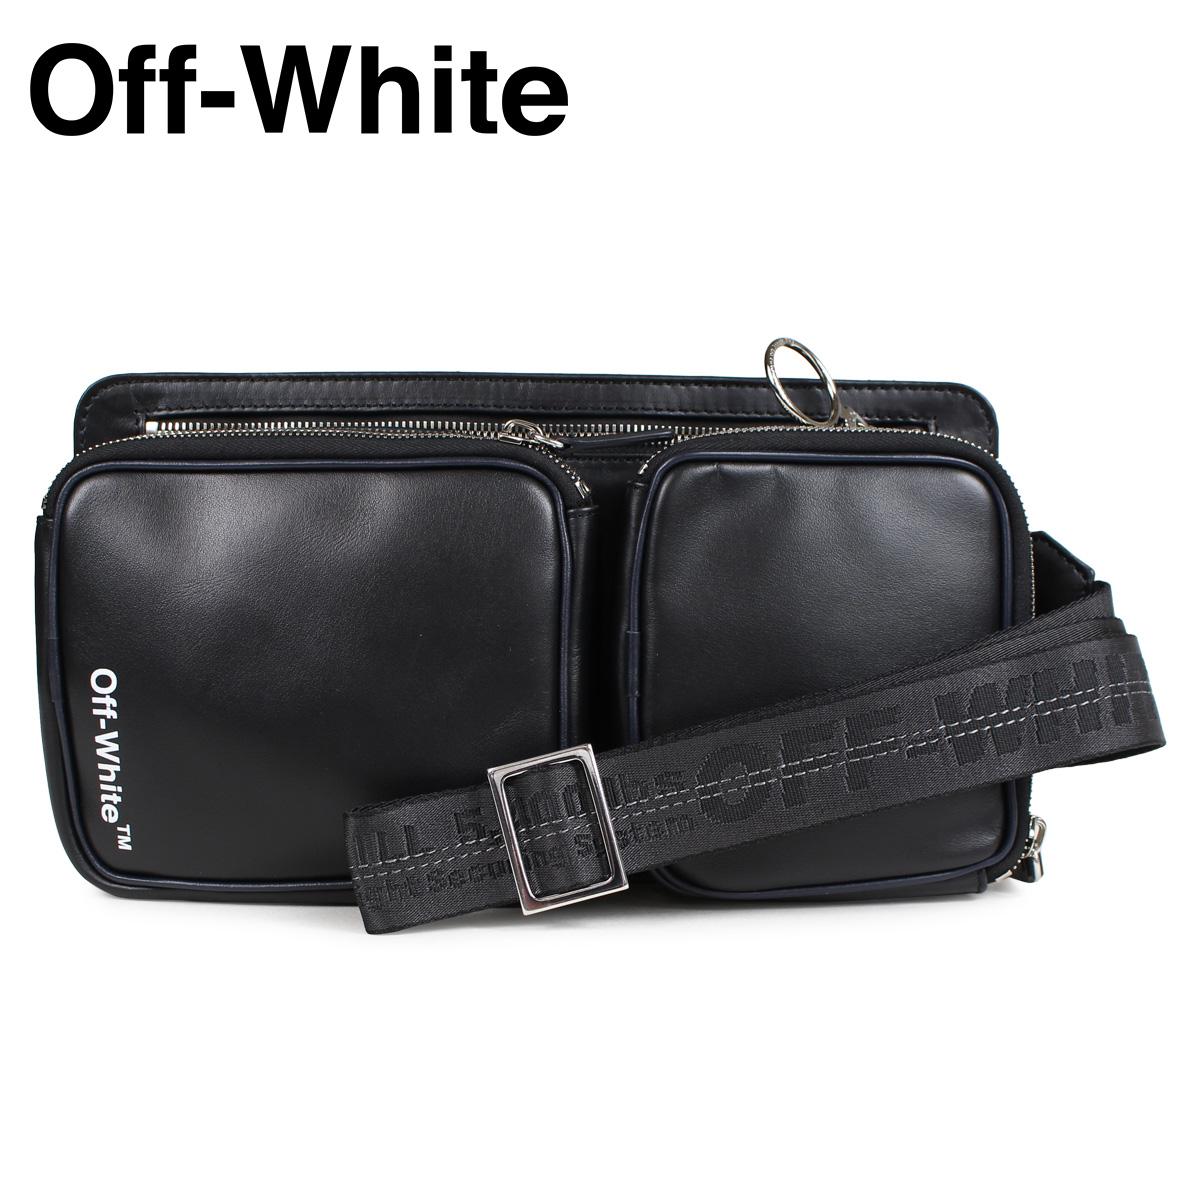 Off-white HIP BAG オフホワイト ショルダーバッグ ヒップバッグ メンズ レディース ブラック OMNA048 1001